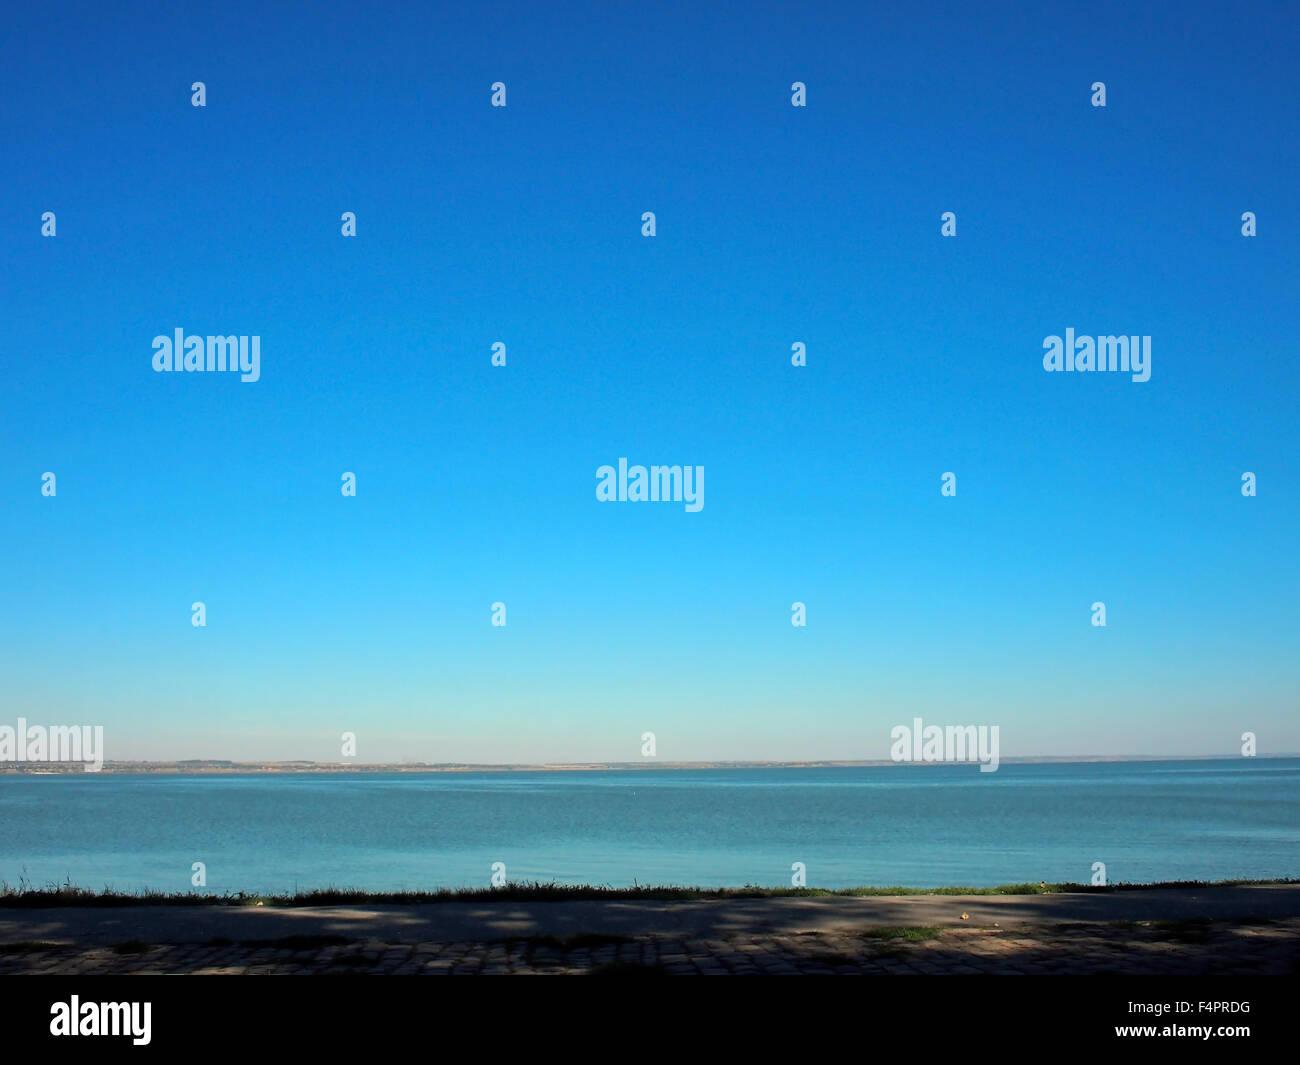 Vistas del mar y el horizonte de la costa, así como el azul del cielo sin nubes sobre el mar Imagen De Stock